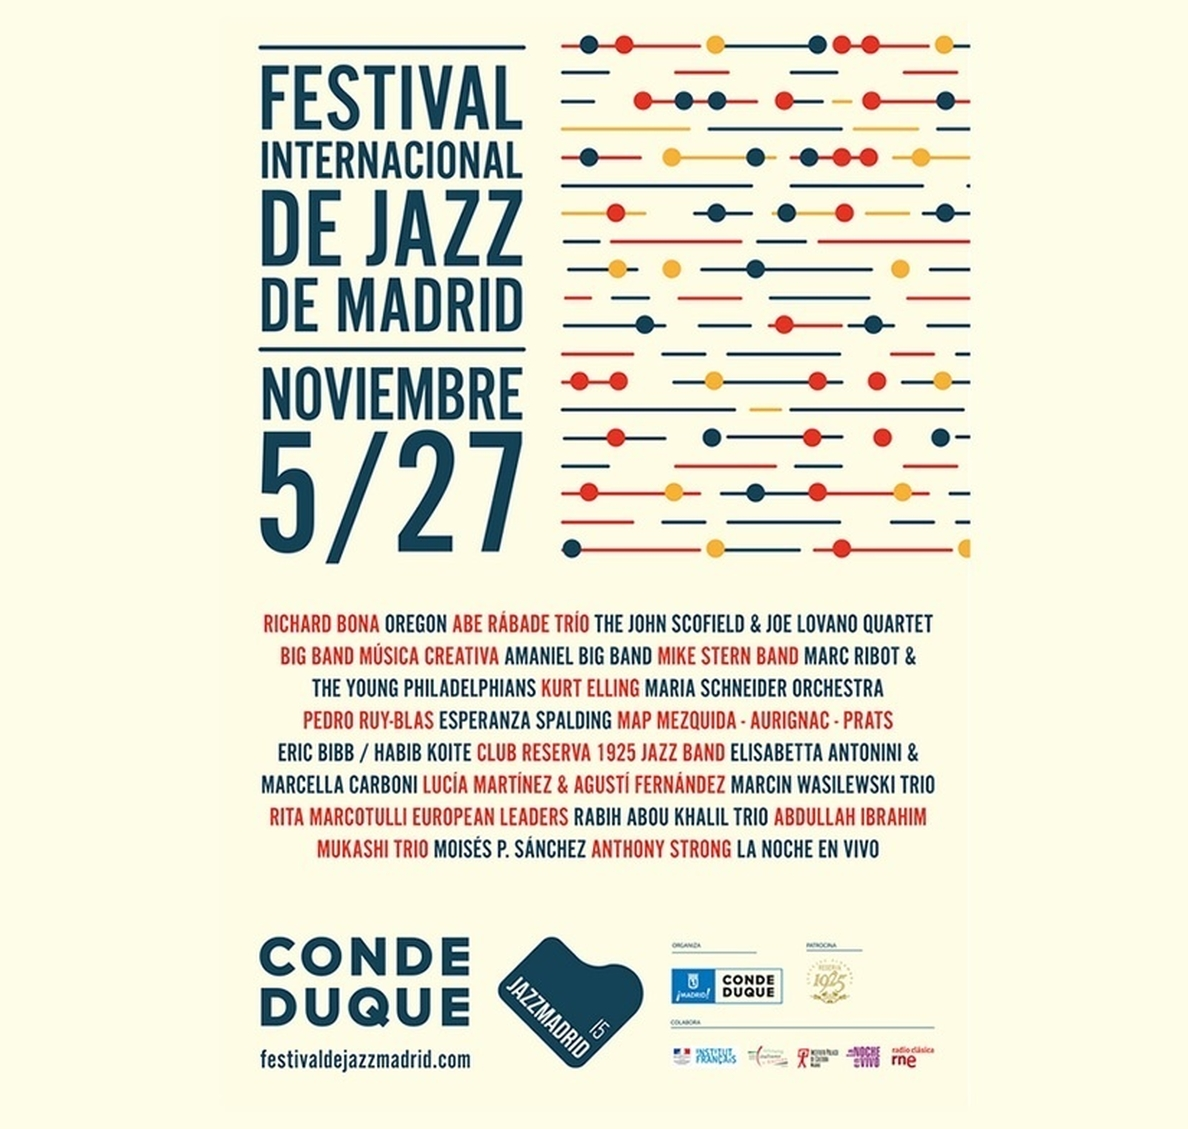 El Festival Internacional JazzMadrid»15 apuesta por jóvenes talentos y mujeres creadoras